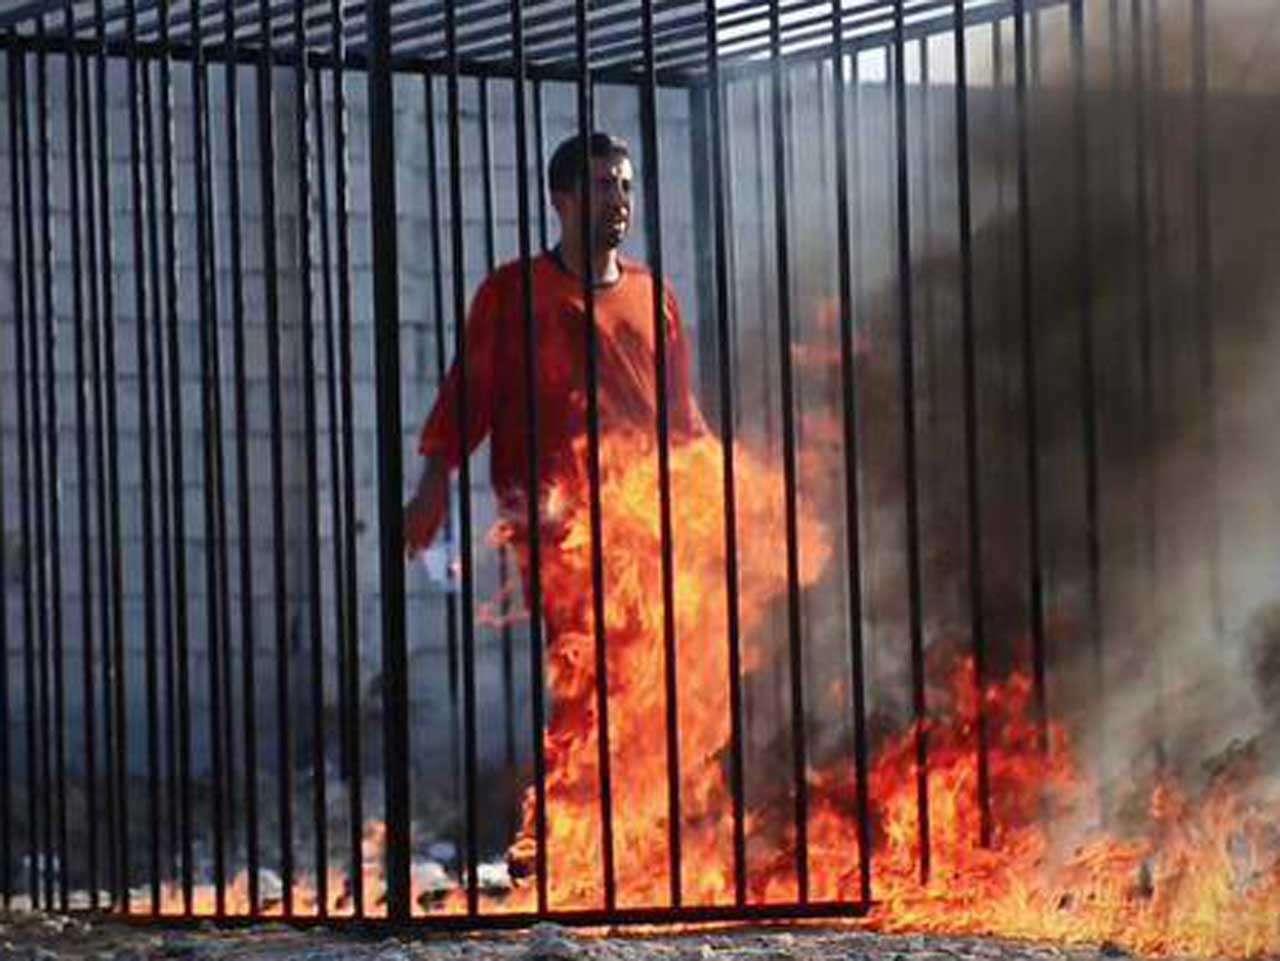 El piloto Maaz al Kassasbeh fue supuestamente quemado vivo por el Estado Islámico el 3 de febrero de 2015. Foto: Reproducción